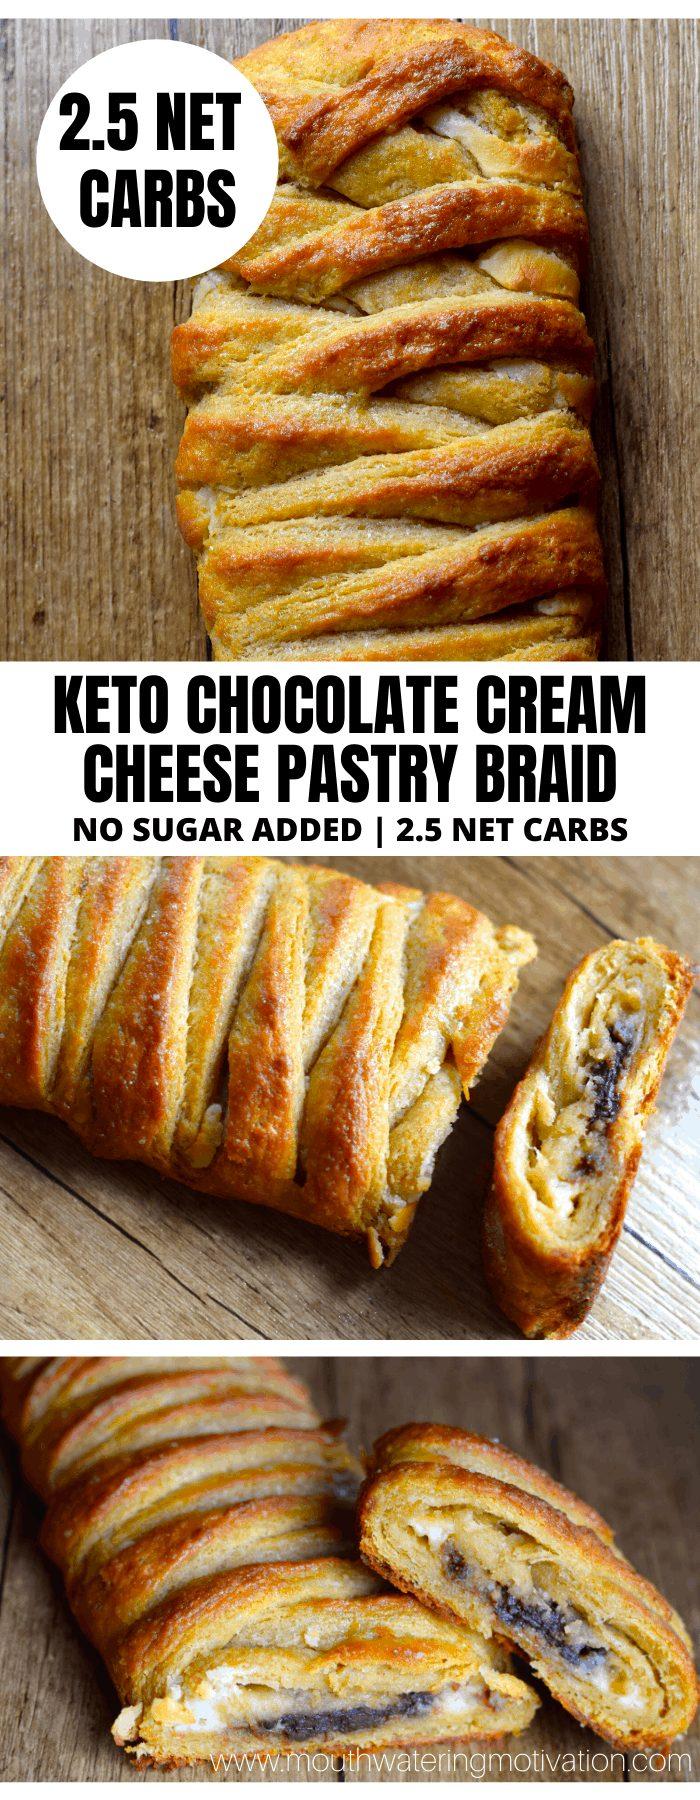 KETO CHOCOLATE CREAM CHEESE BRAID